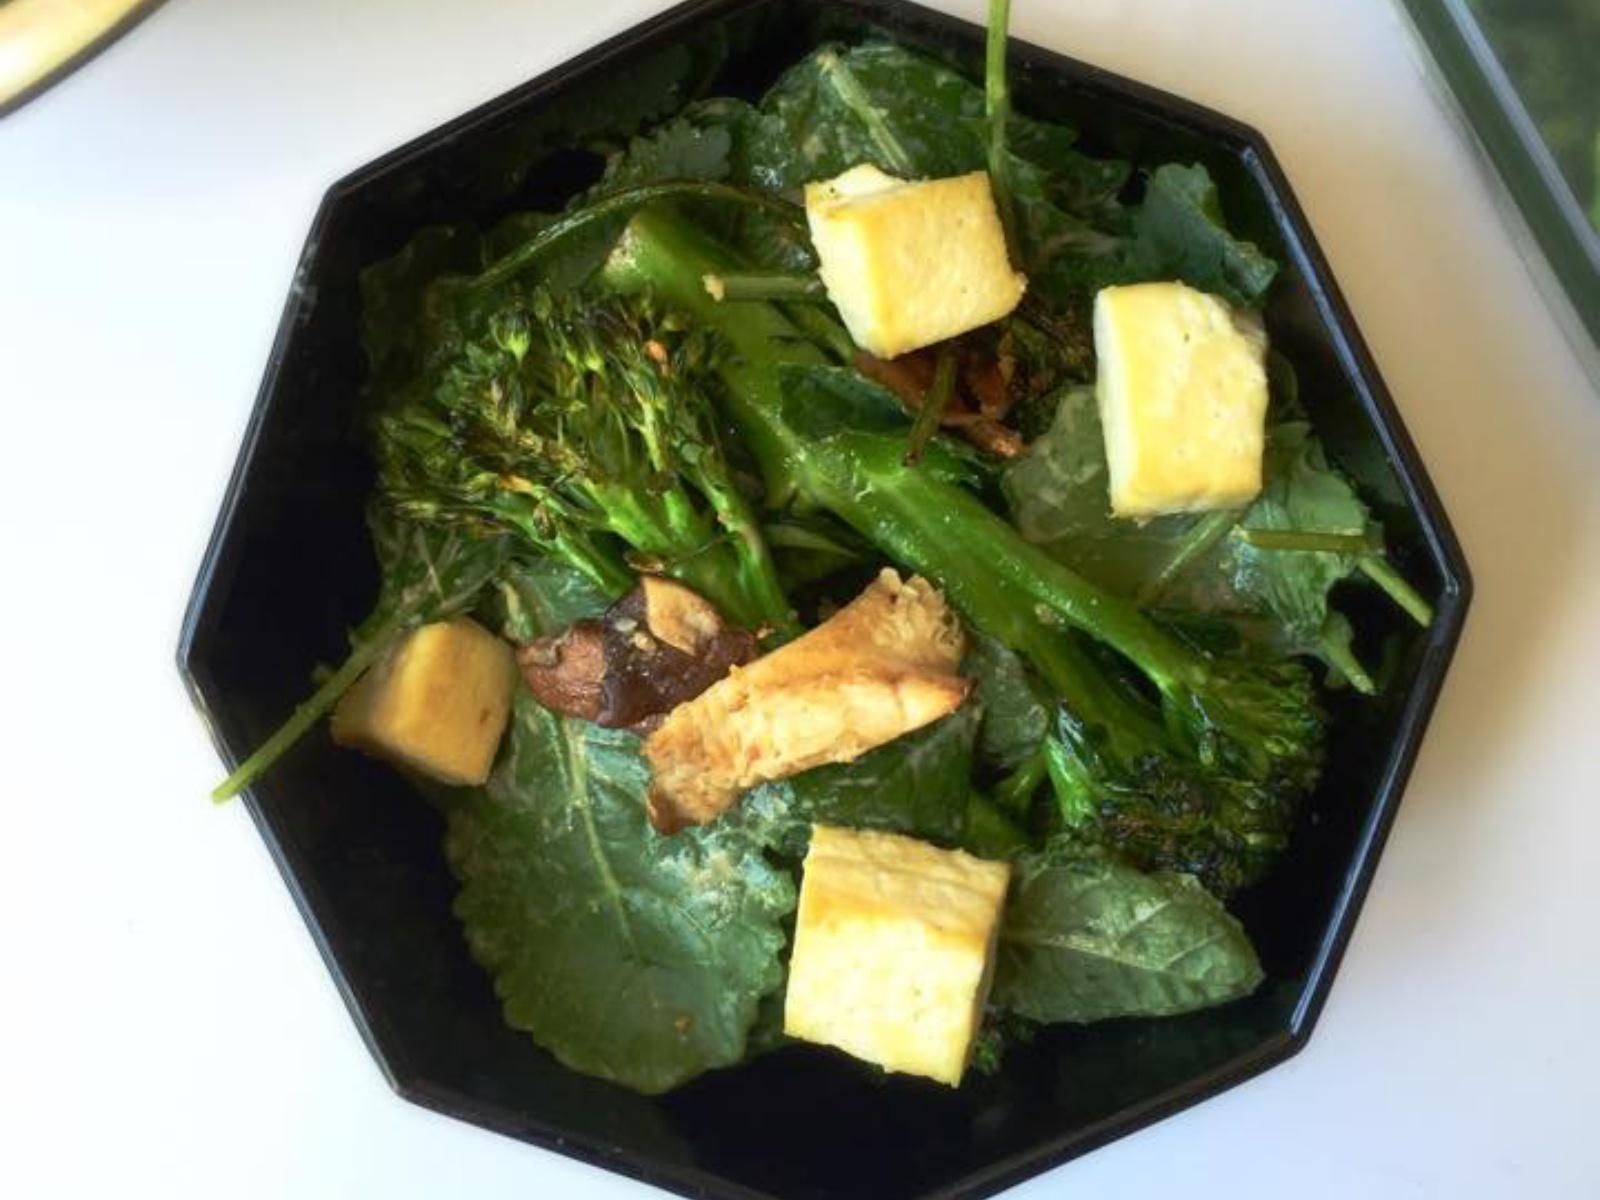 Warm Broccolini and Shiitake Baby Kale Salad